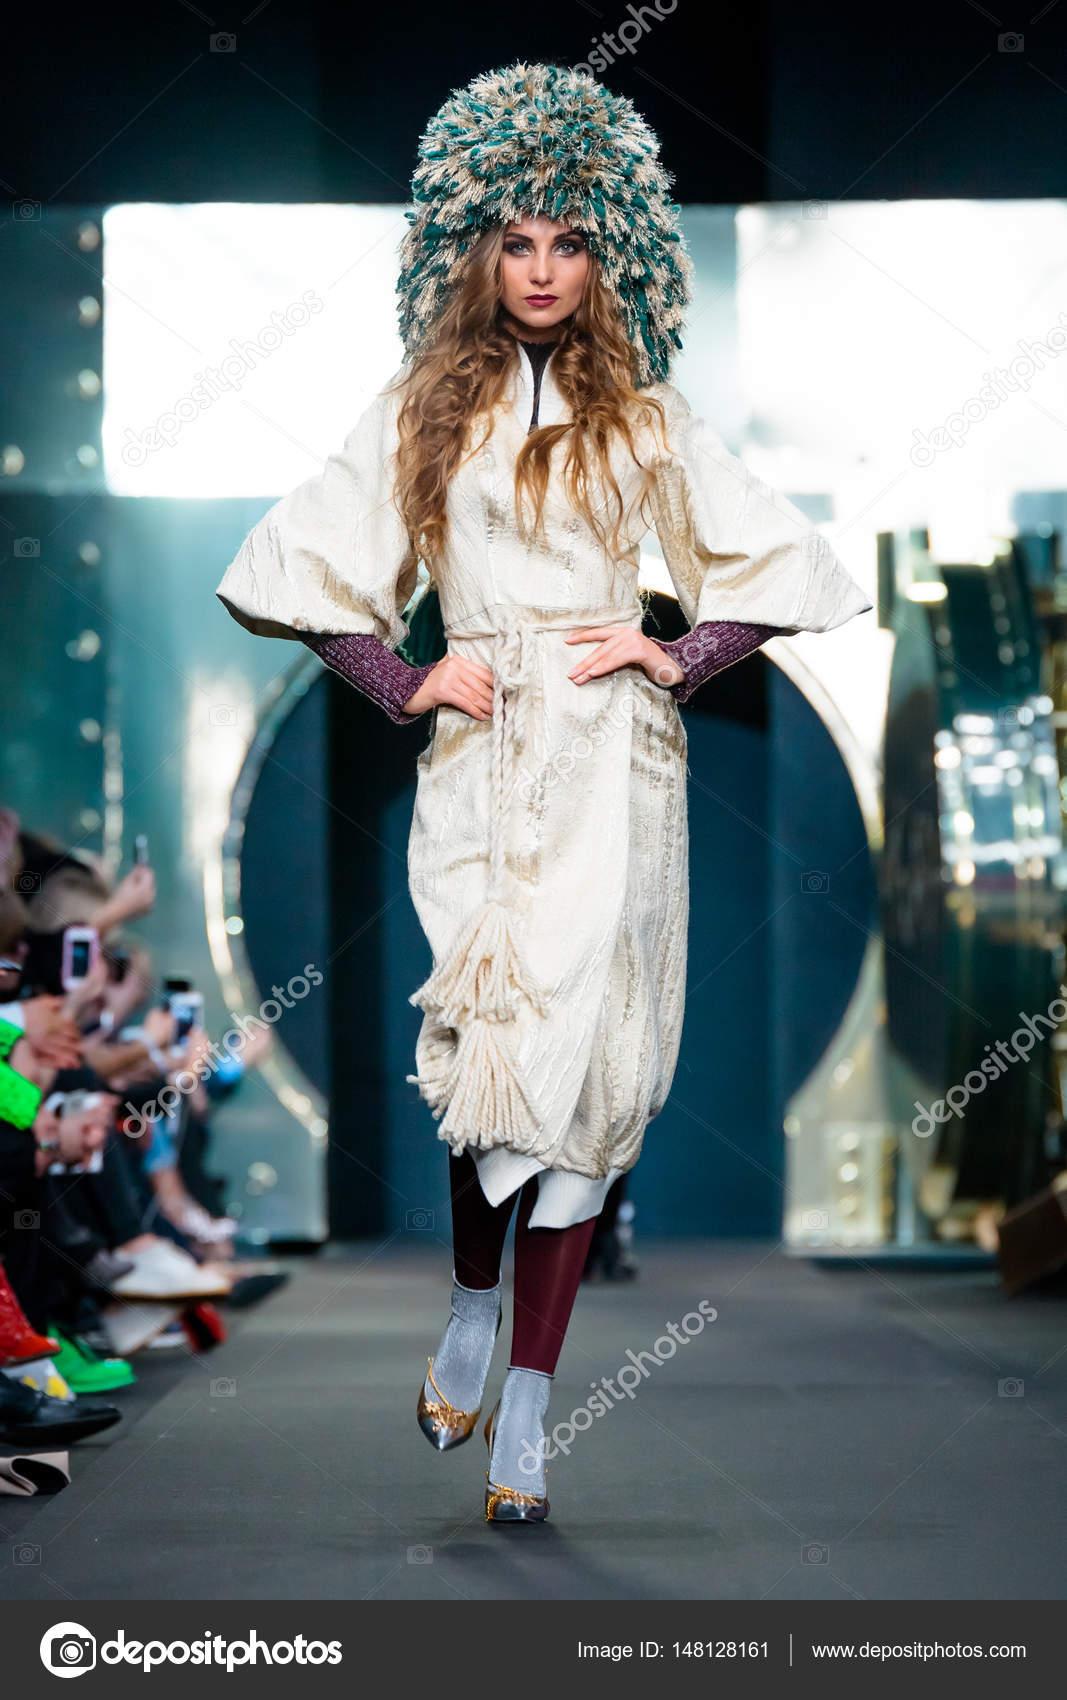 Мода 2018 фото скачать